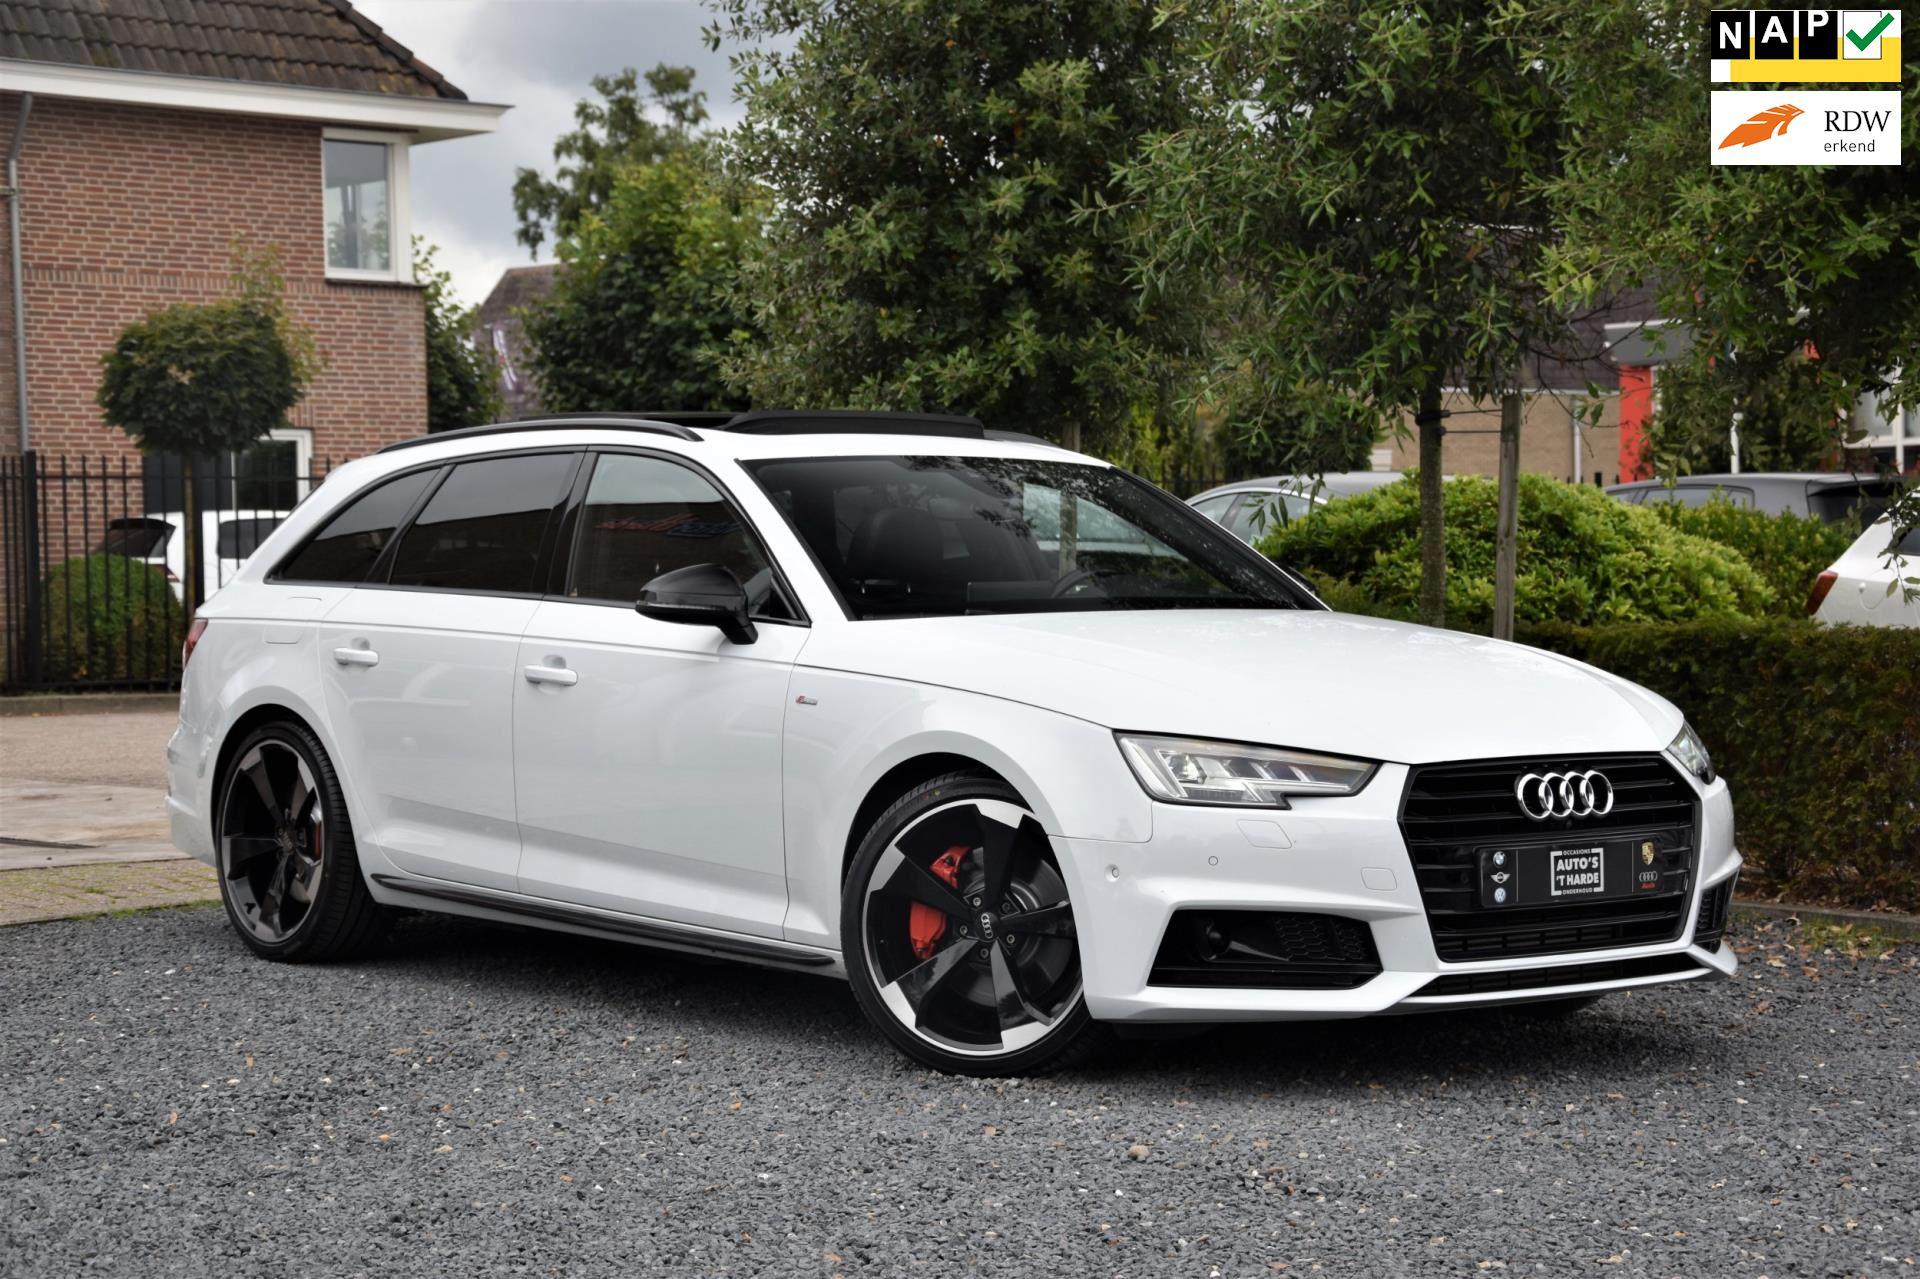 Audi A4 Avant occasion - Auto`s `t Harde